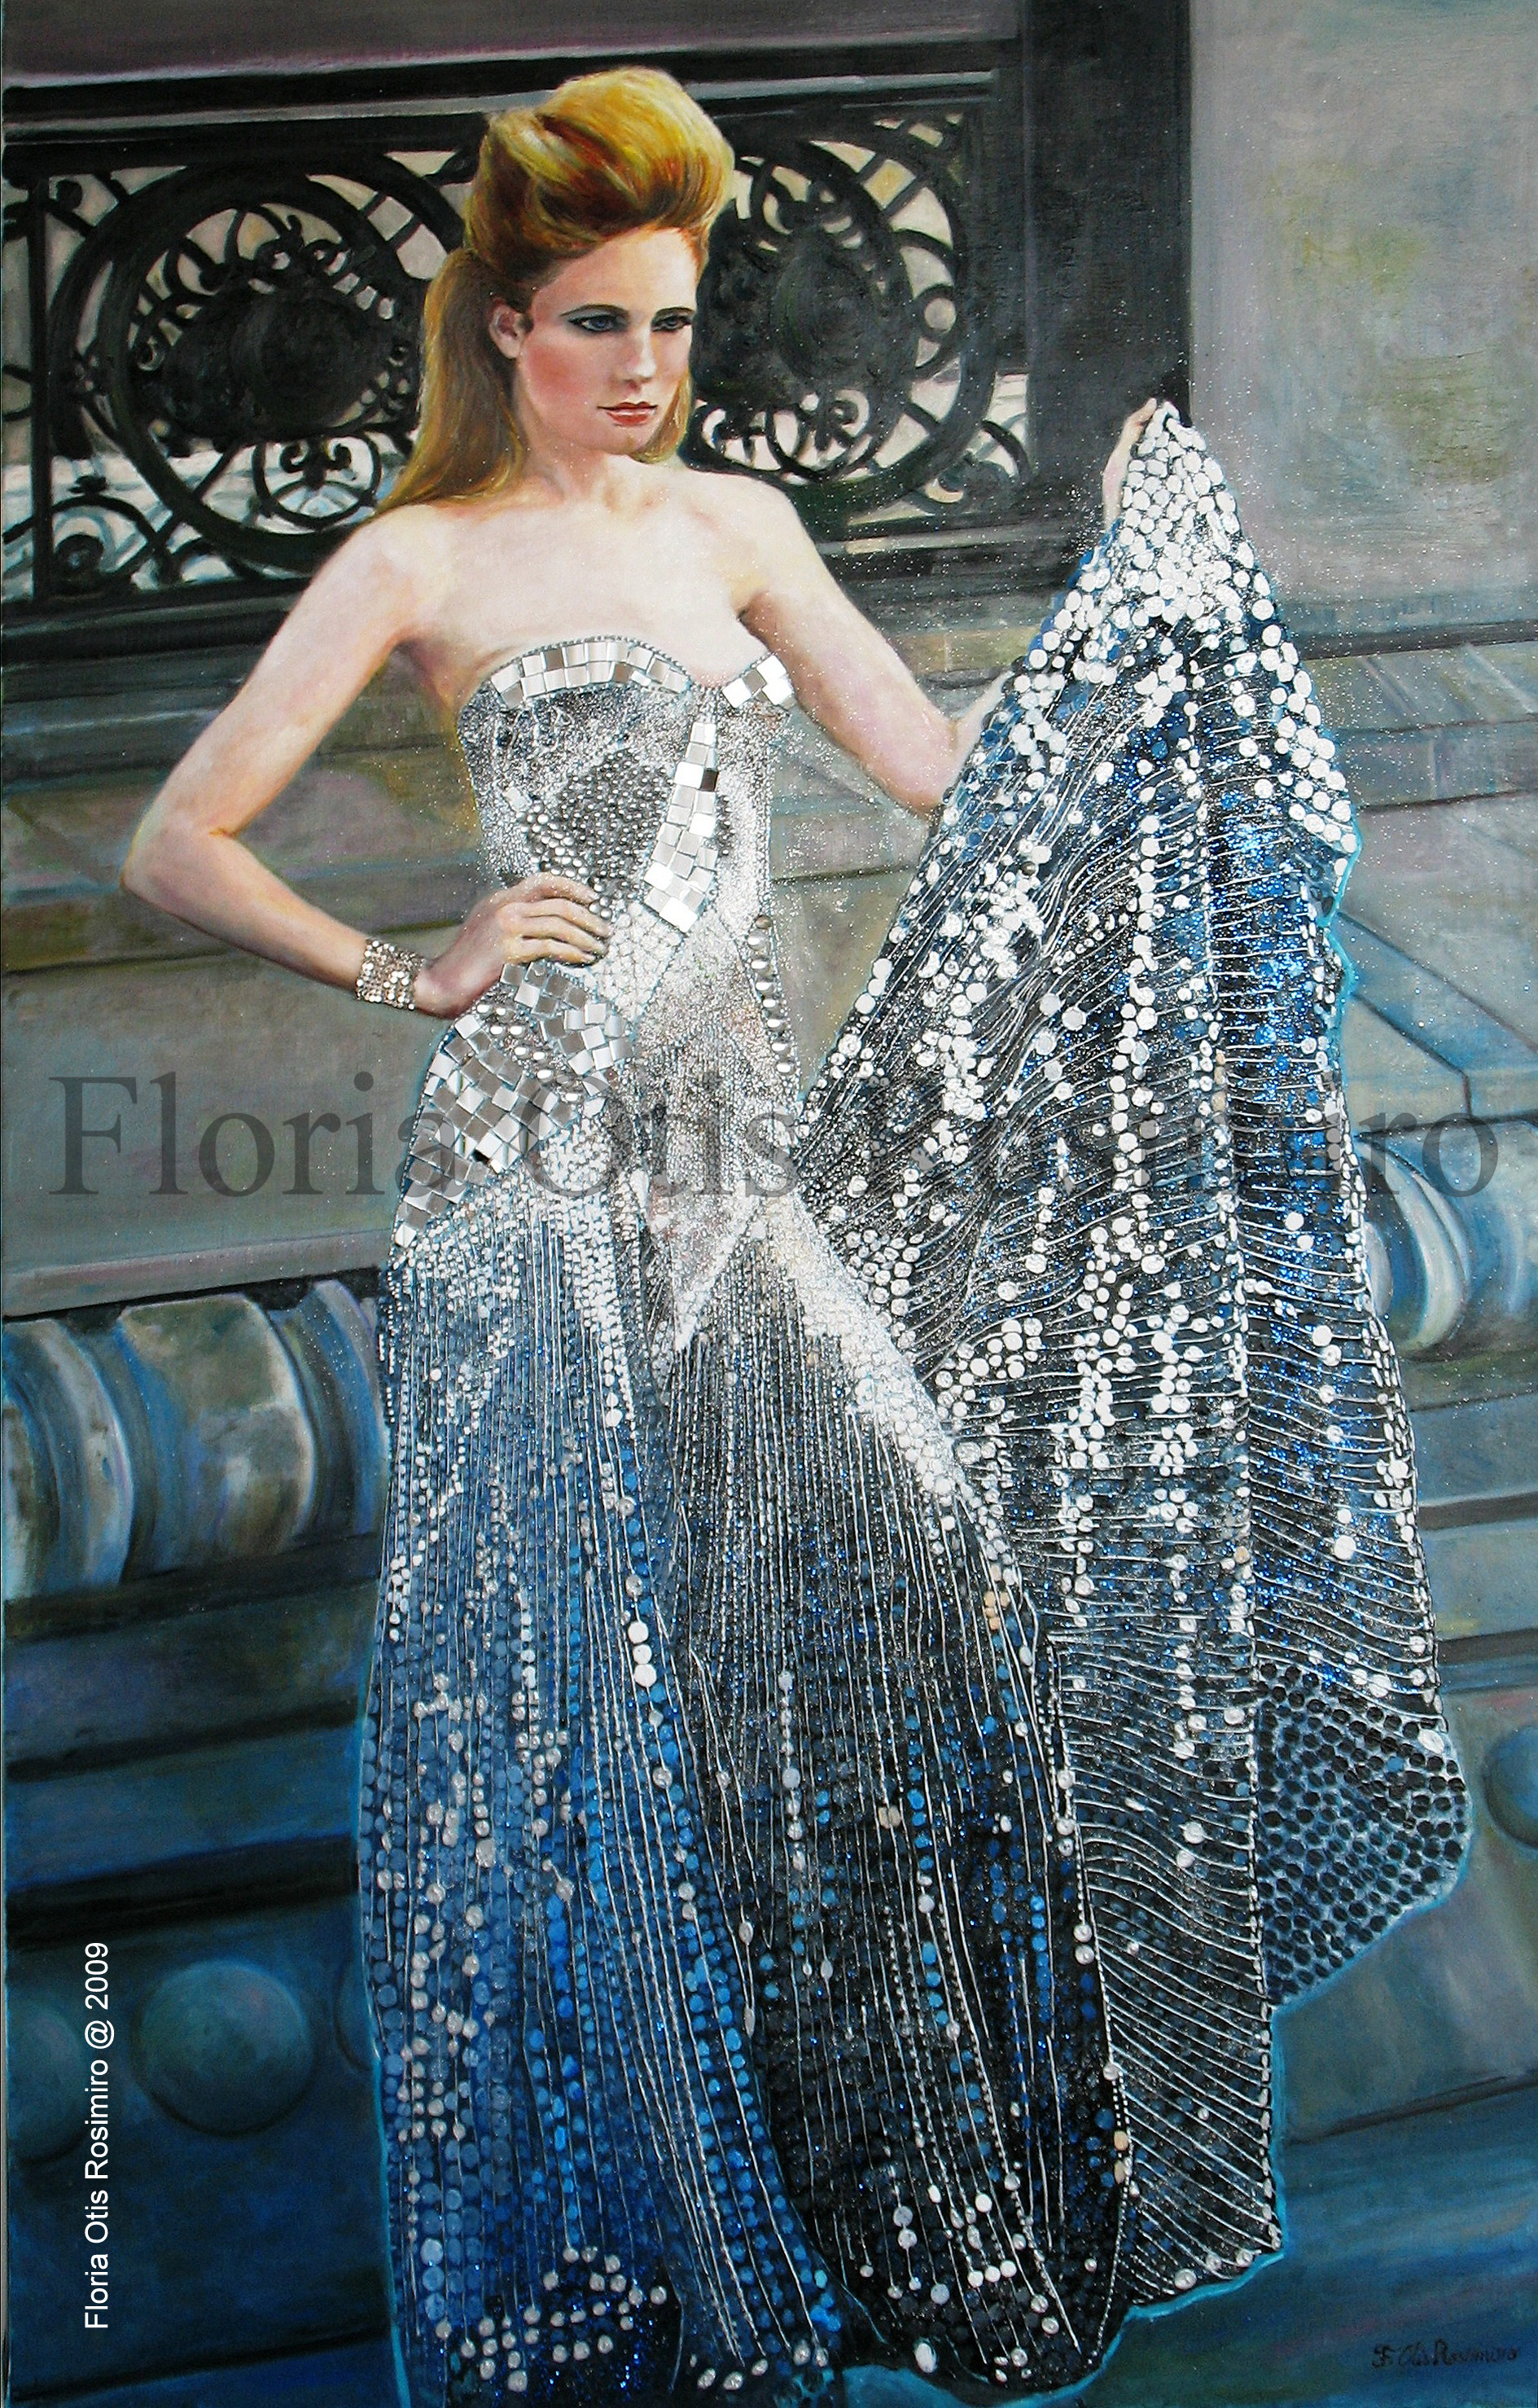 Huile sur toile - brillants, miroirs, perles, cabochons et peinture argent - 130 cm x 81 cm